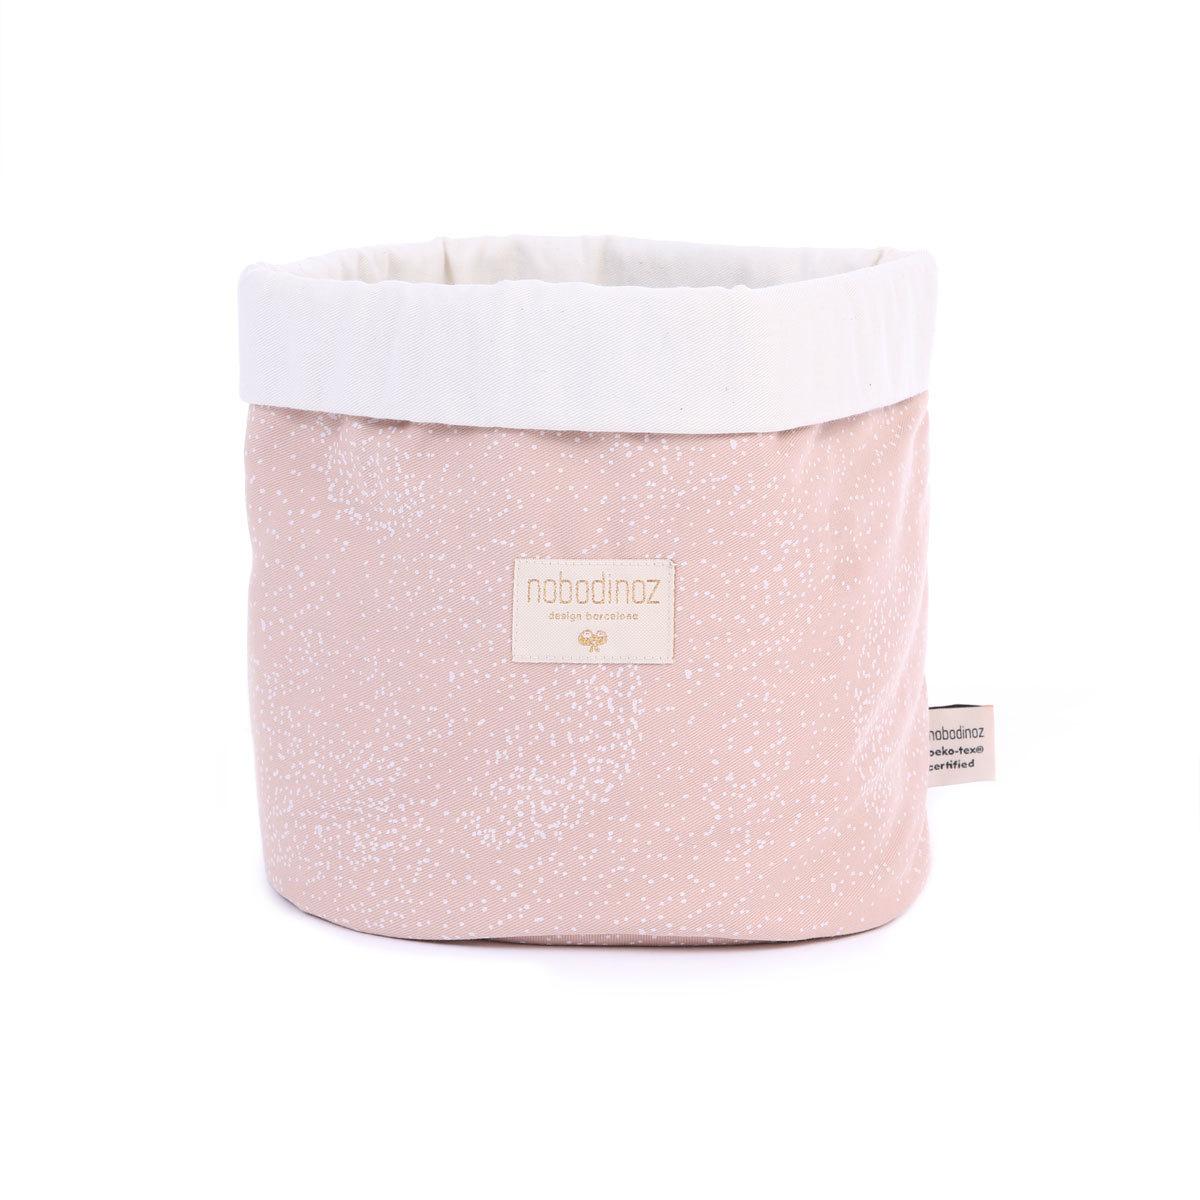 Panier & corbeille Panier de Rangement Panda - White Bubble / Misty Pink Panier de Rangement Panda - White Bubble / Misty Pink